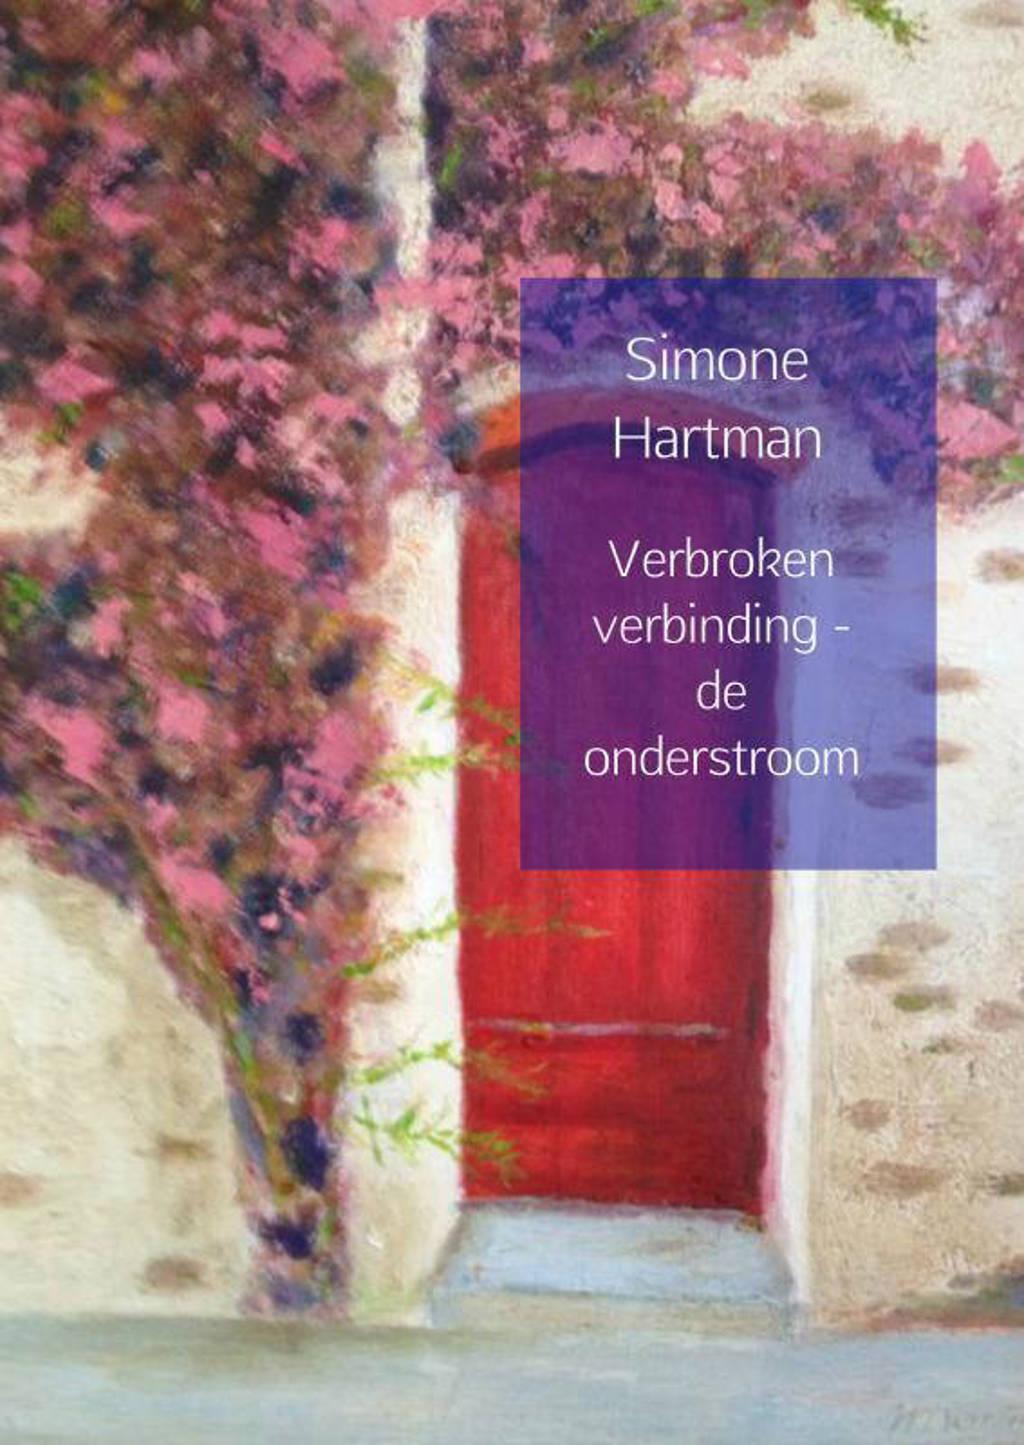 Verbroken verbinding - de onderstroom - Simone Hartman